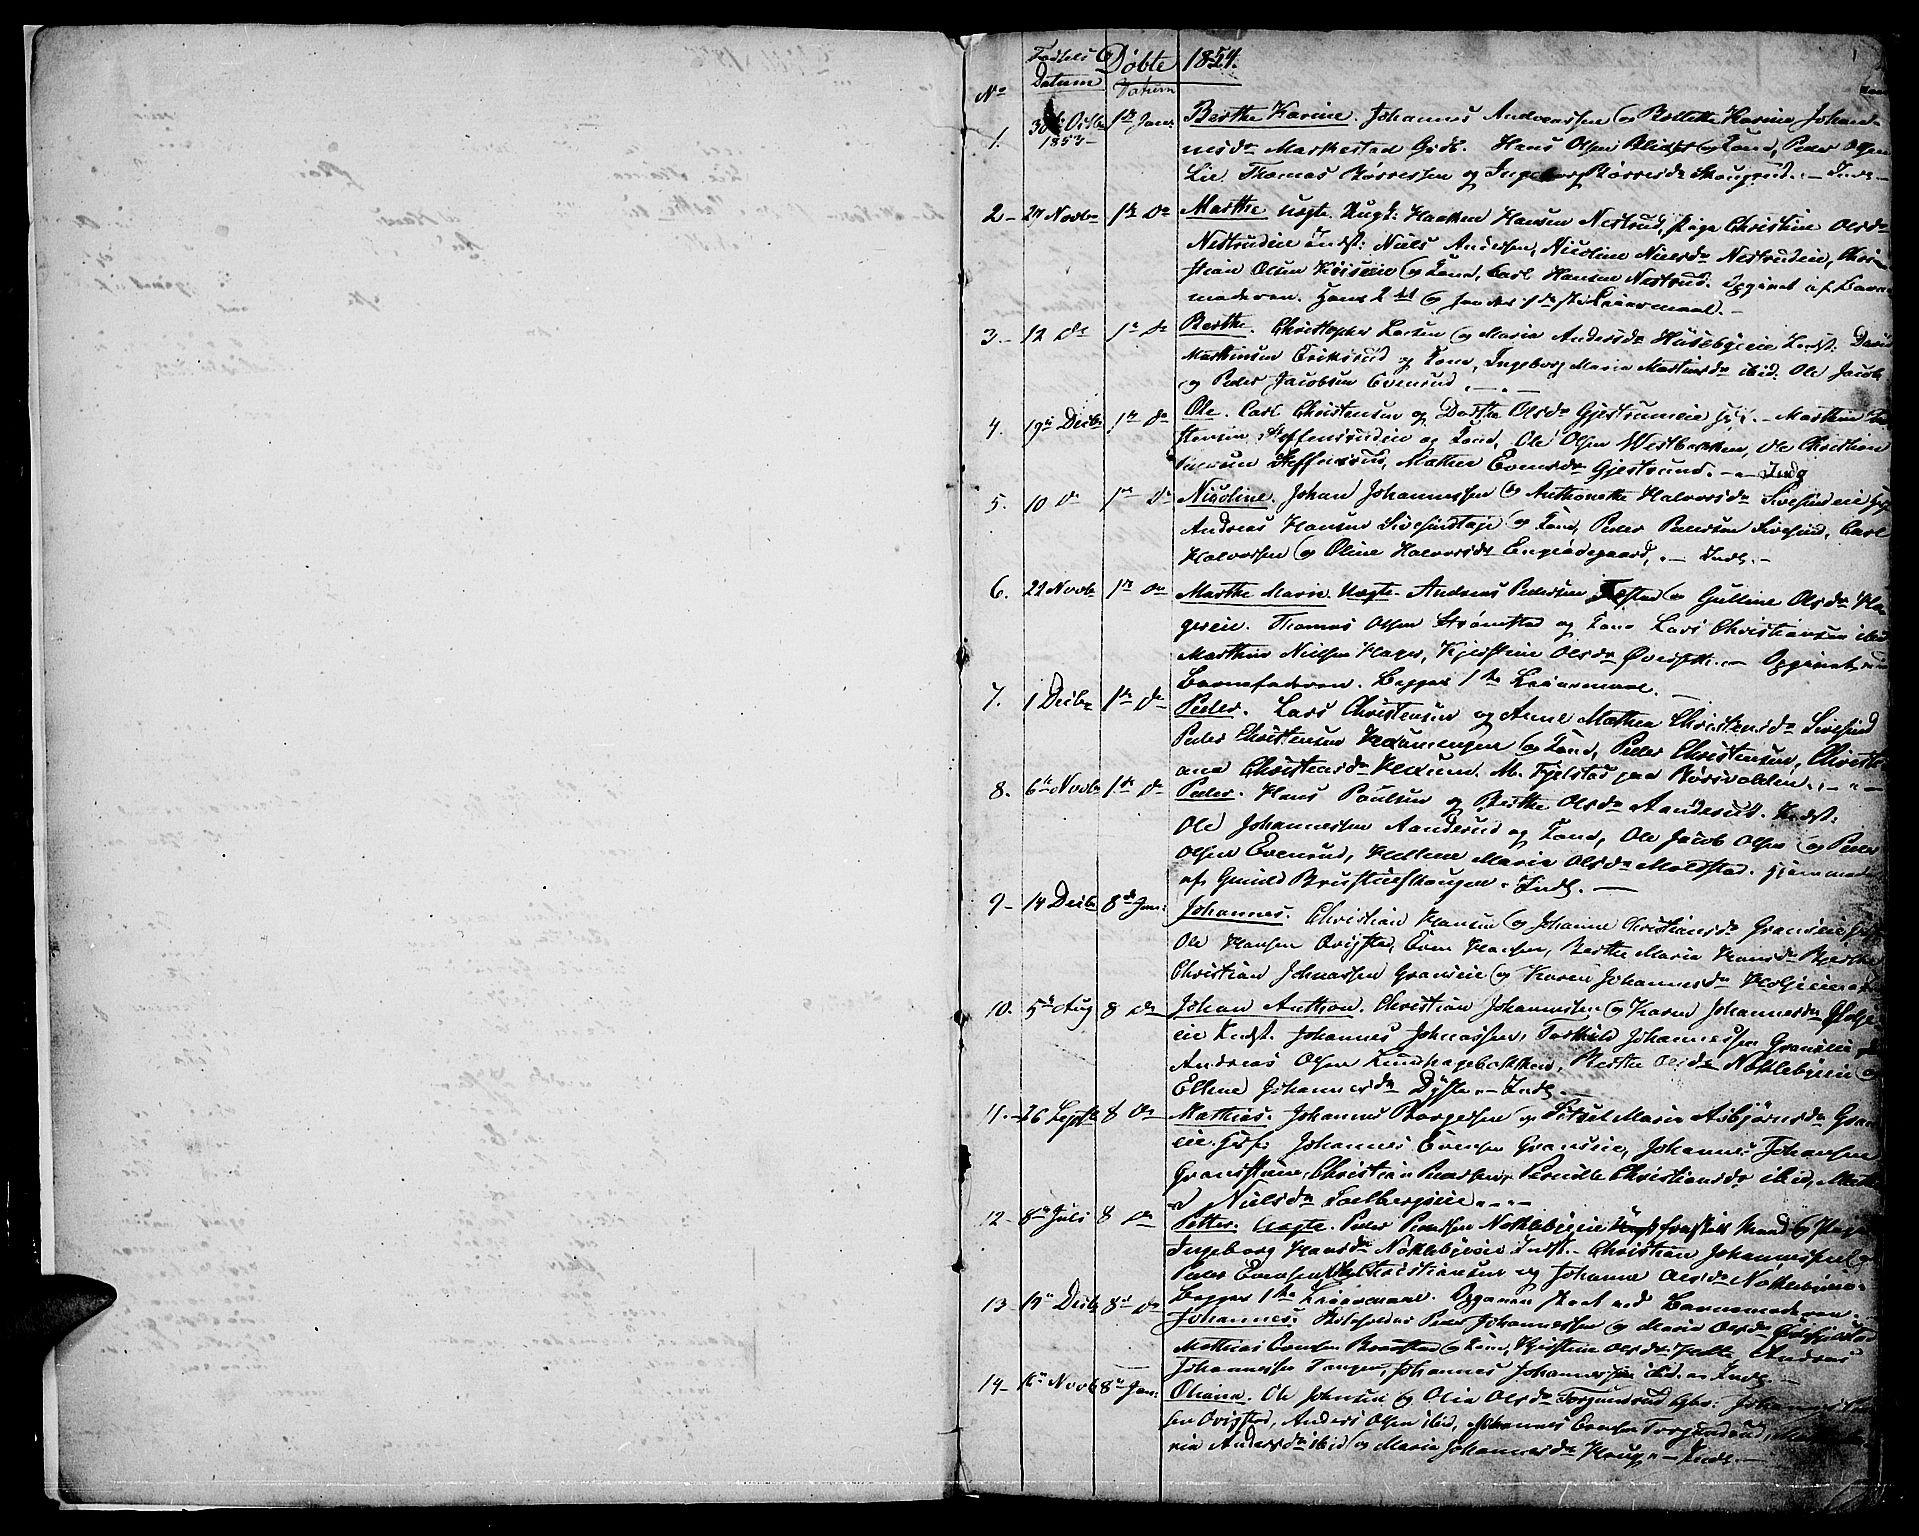 SAH, Vestre Toten prestekontor, H/Ha/Hab/L0005: Klokkerbok nr. 5, 1854-1870, s. 1